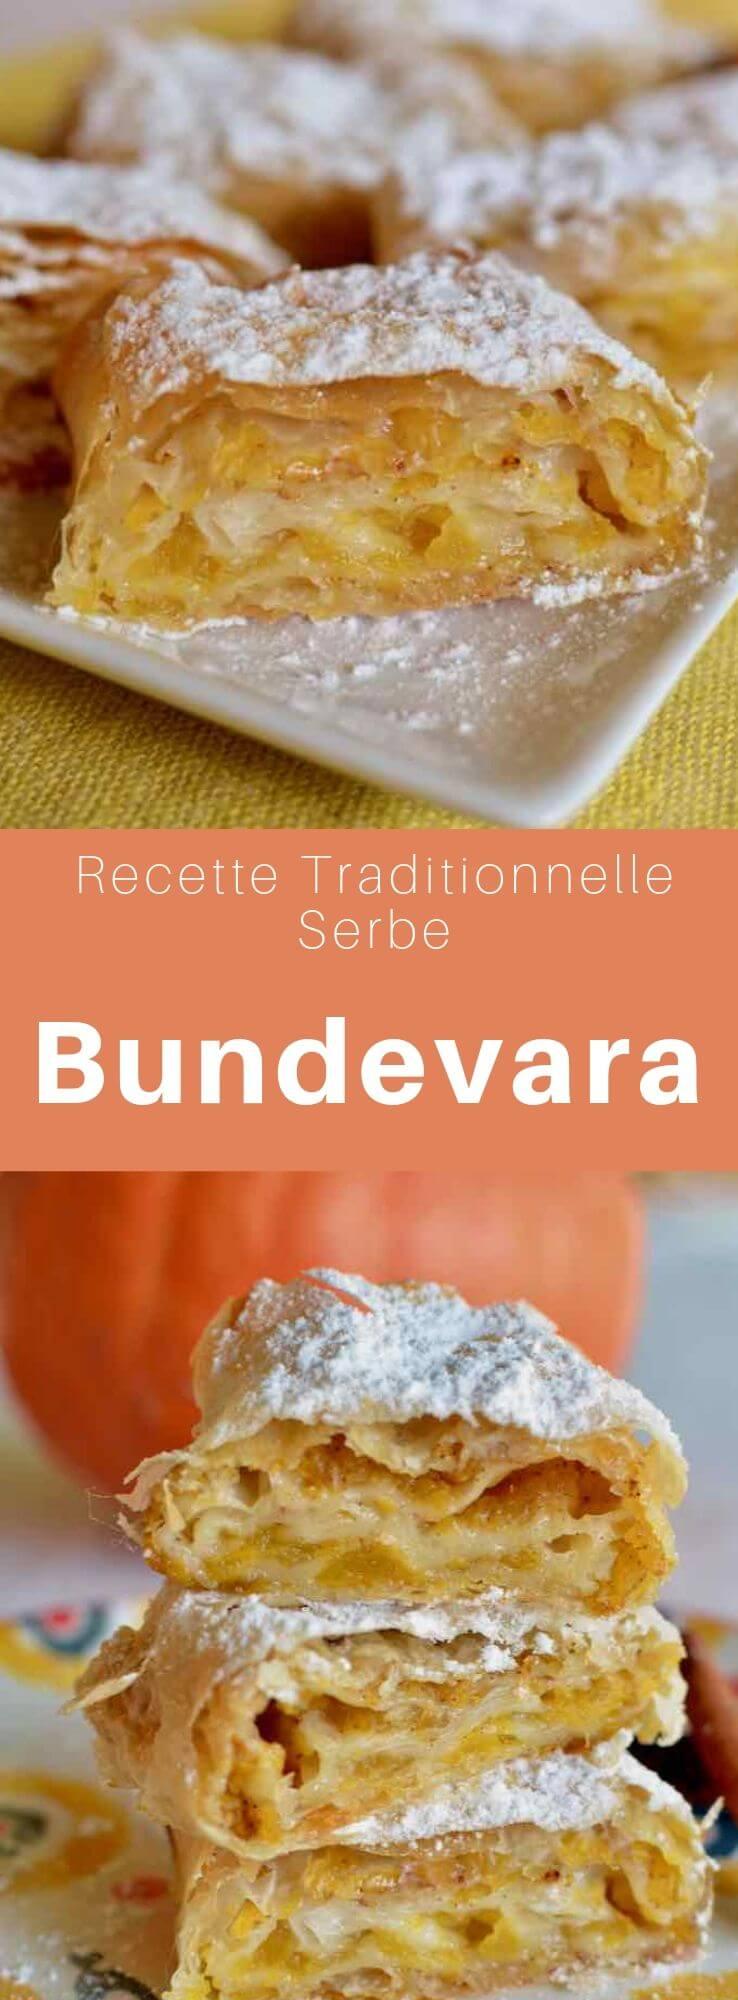 Le bundevara est une délicieuse pâtisserie traditionnelle serbe à base de pâte phyllo garnie de citrouille et cuite au four. #Serbie #RecetteSerbe #CuisineSerbe #Balkans #CuisineDuMonde #196flavors